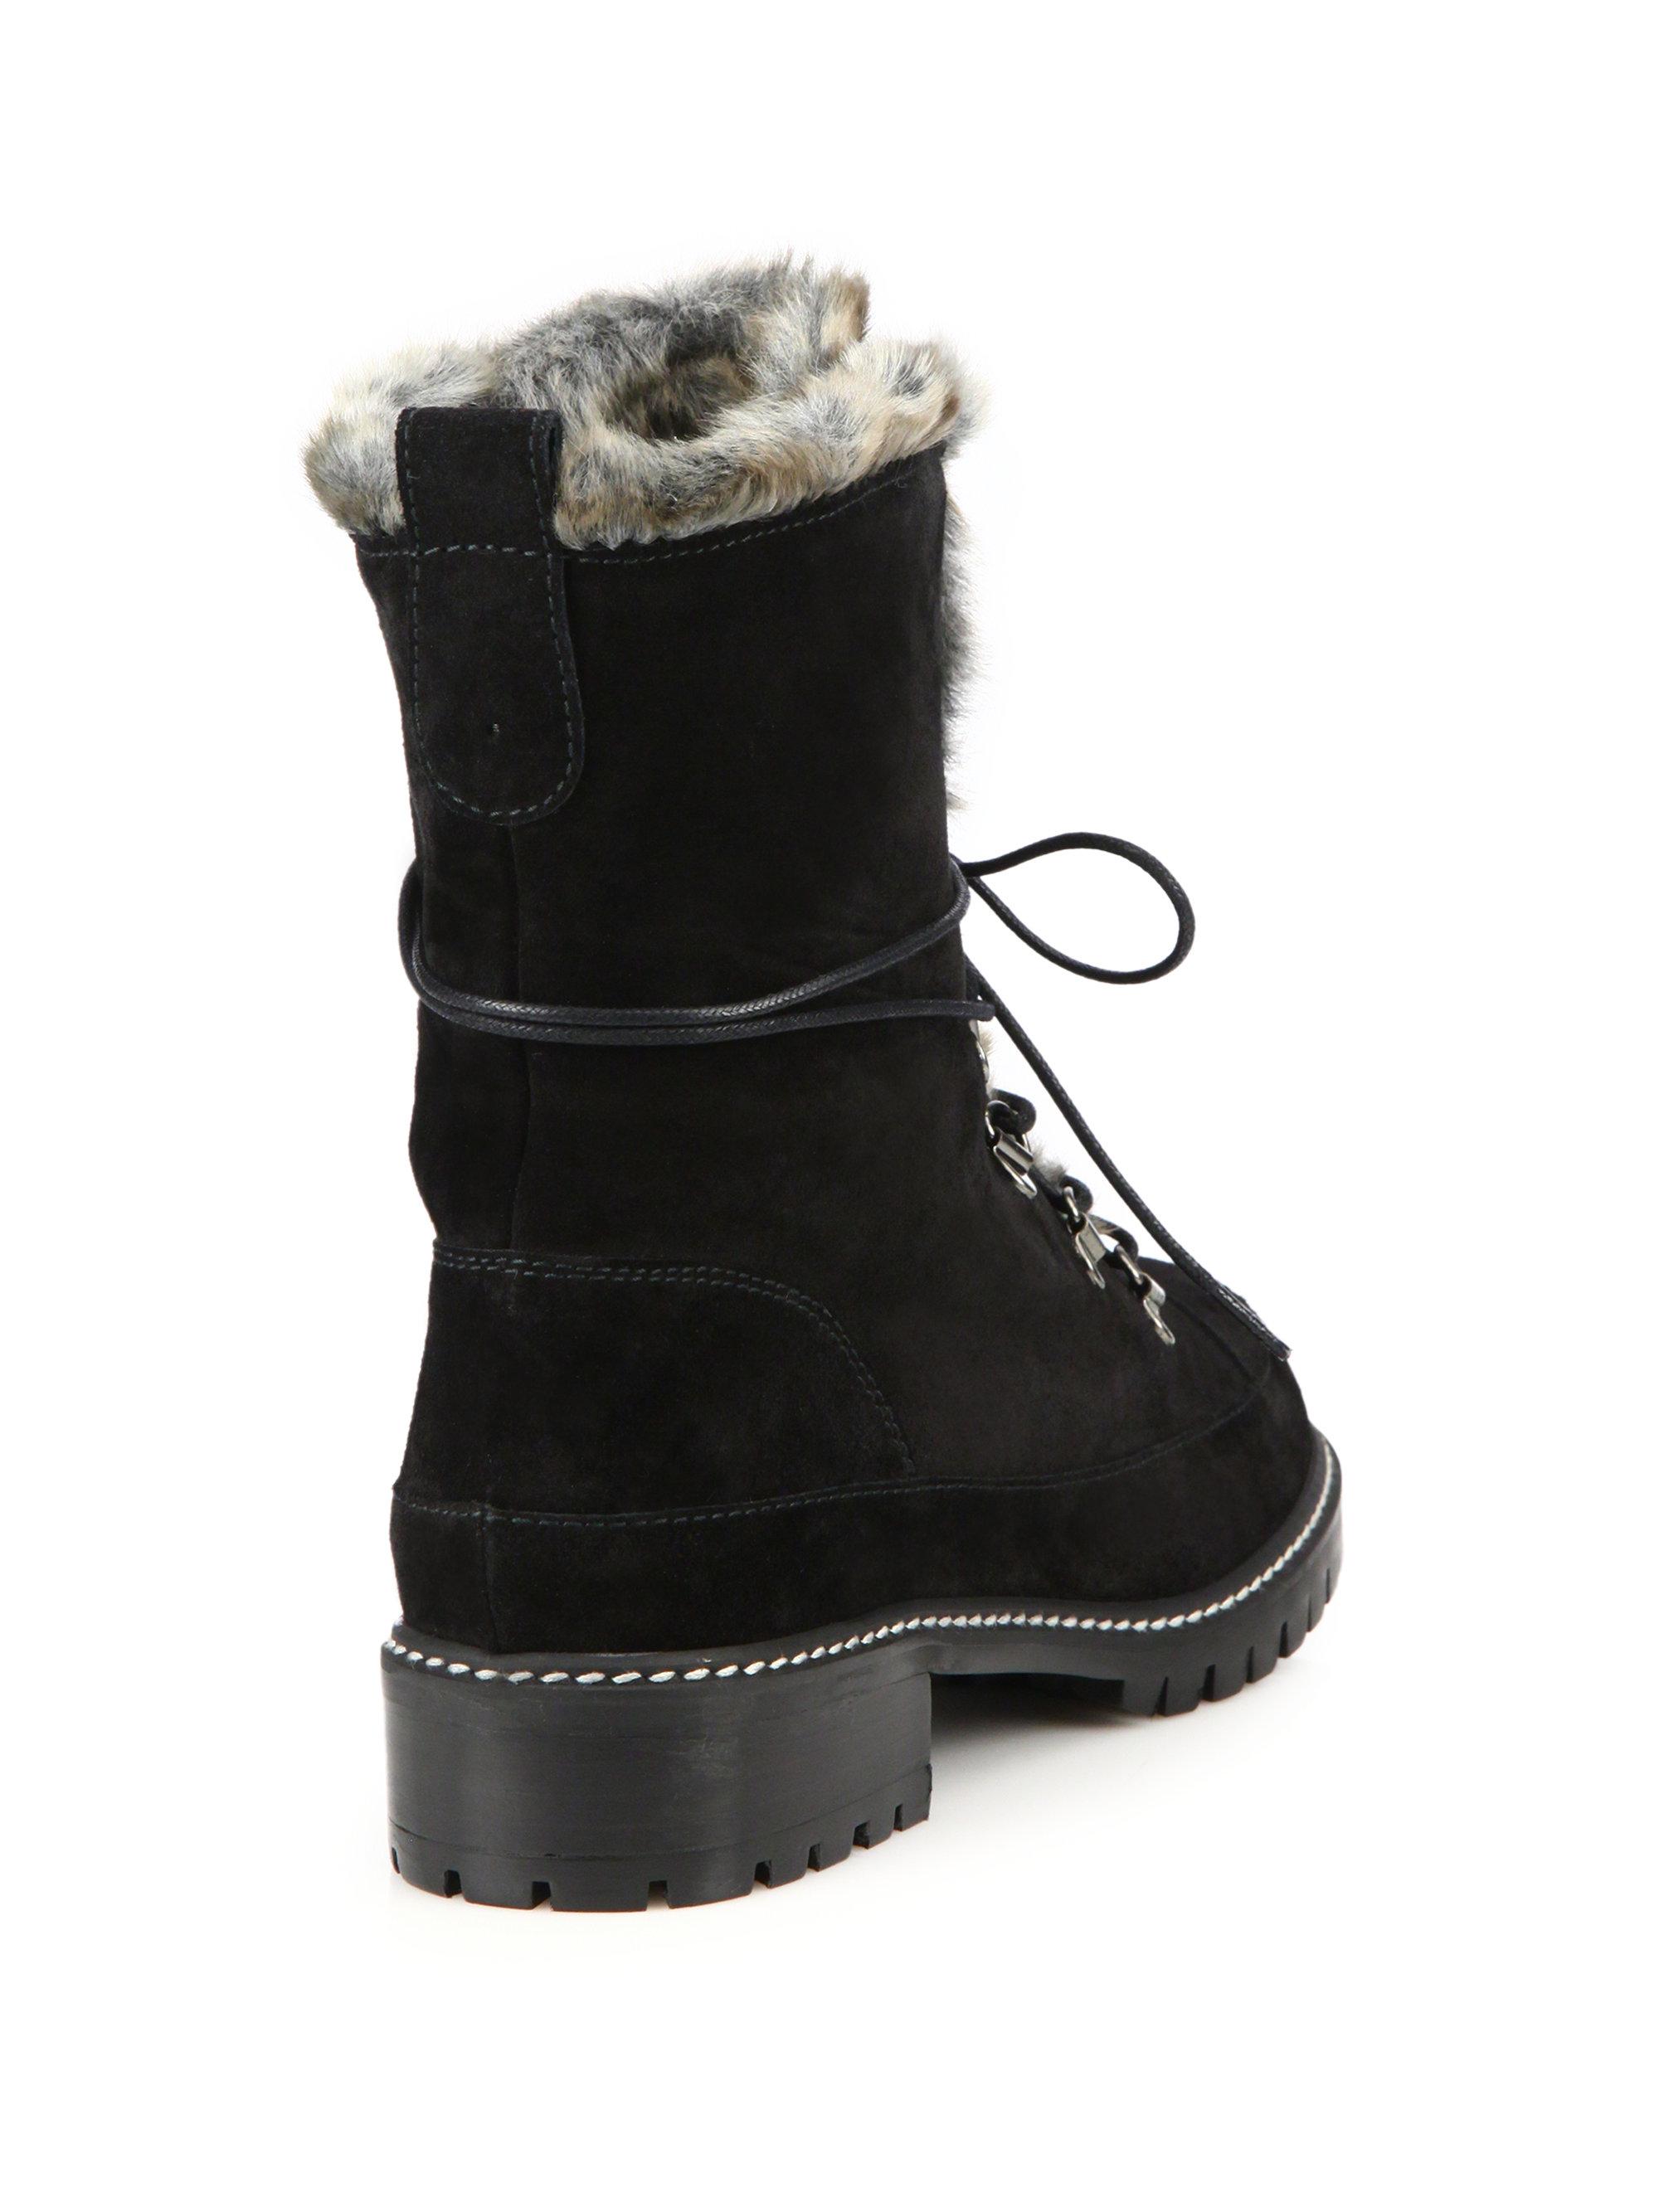 Lyst Stuart Weitzman Luge Suede Amp Faux Fur Lace Up Boots